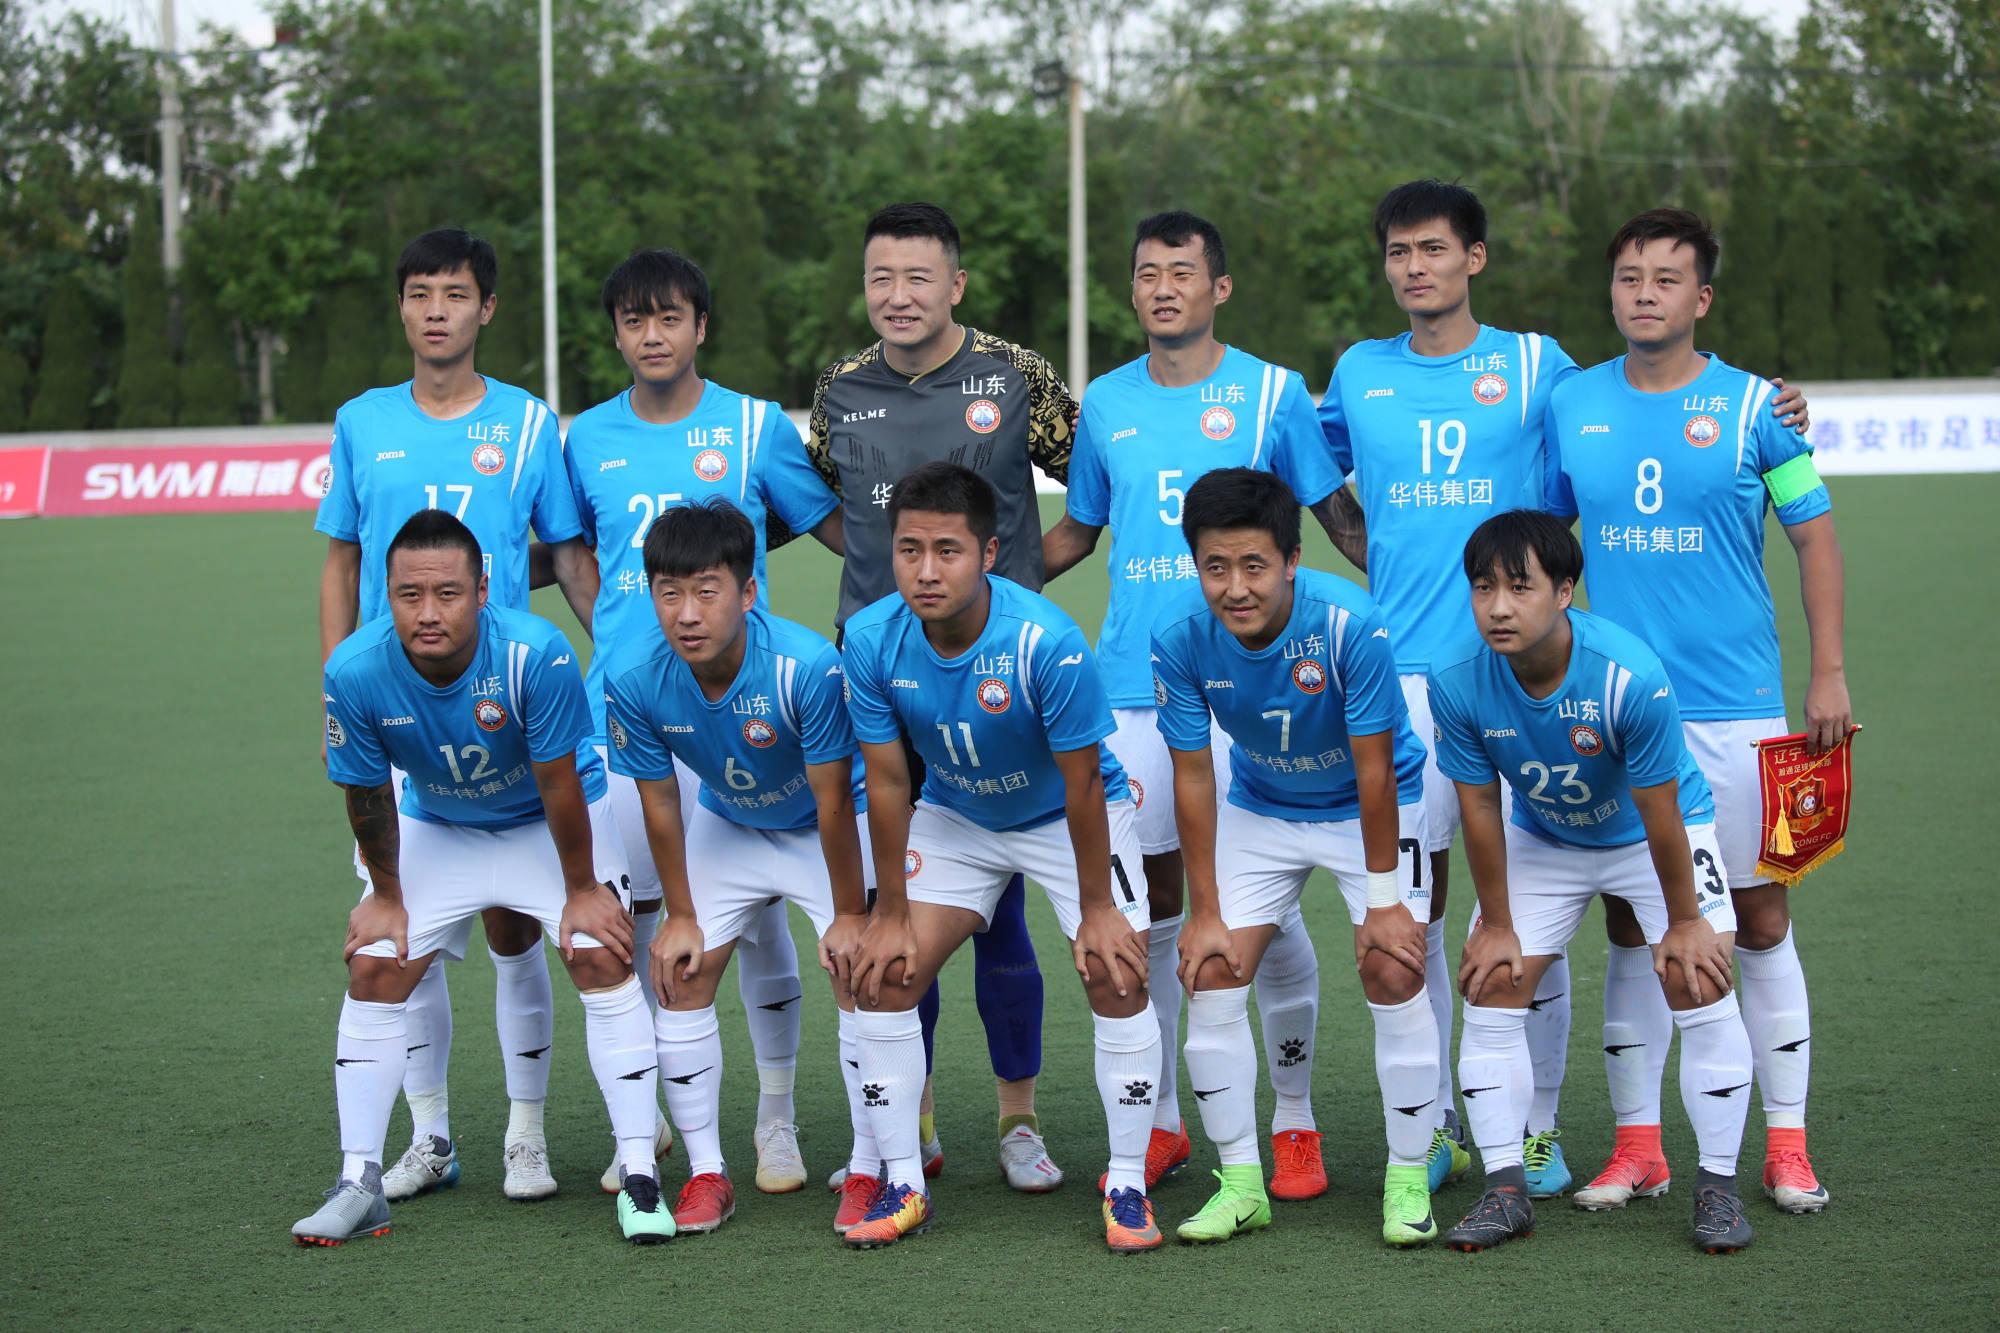 中国足球神奇一幕,第3名无缘升级,第8连续递补